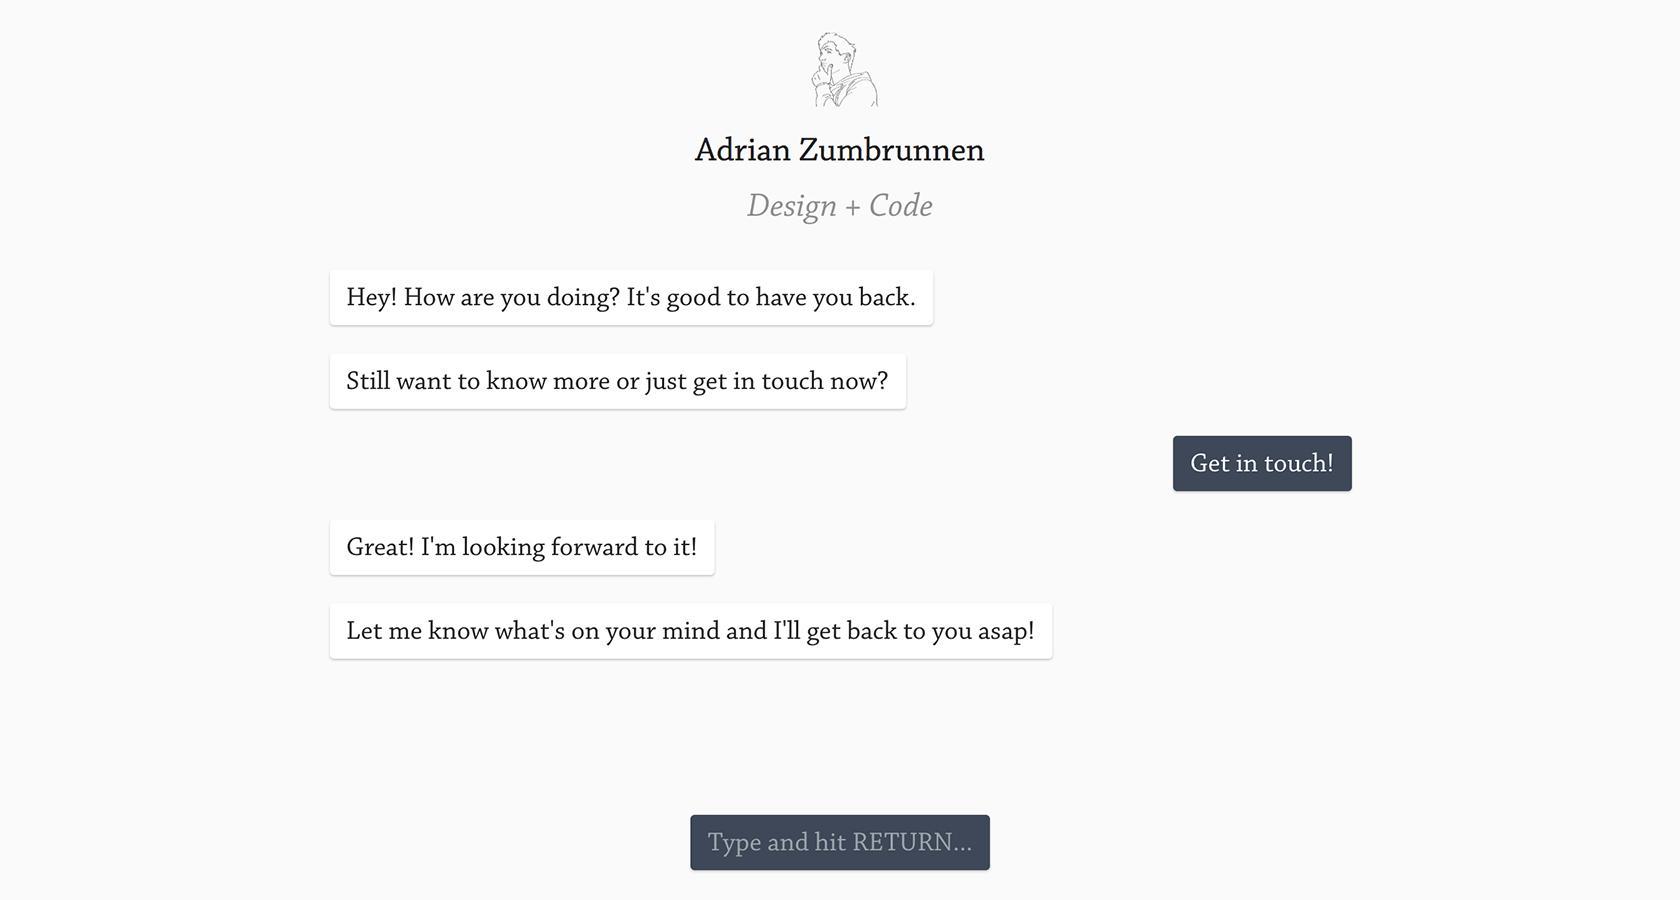 Adrian Zumbrunnen chatbot UX design